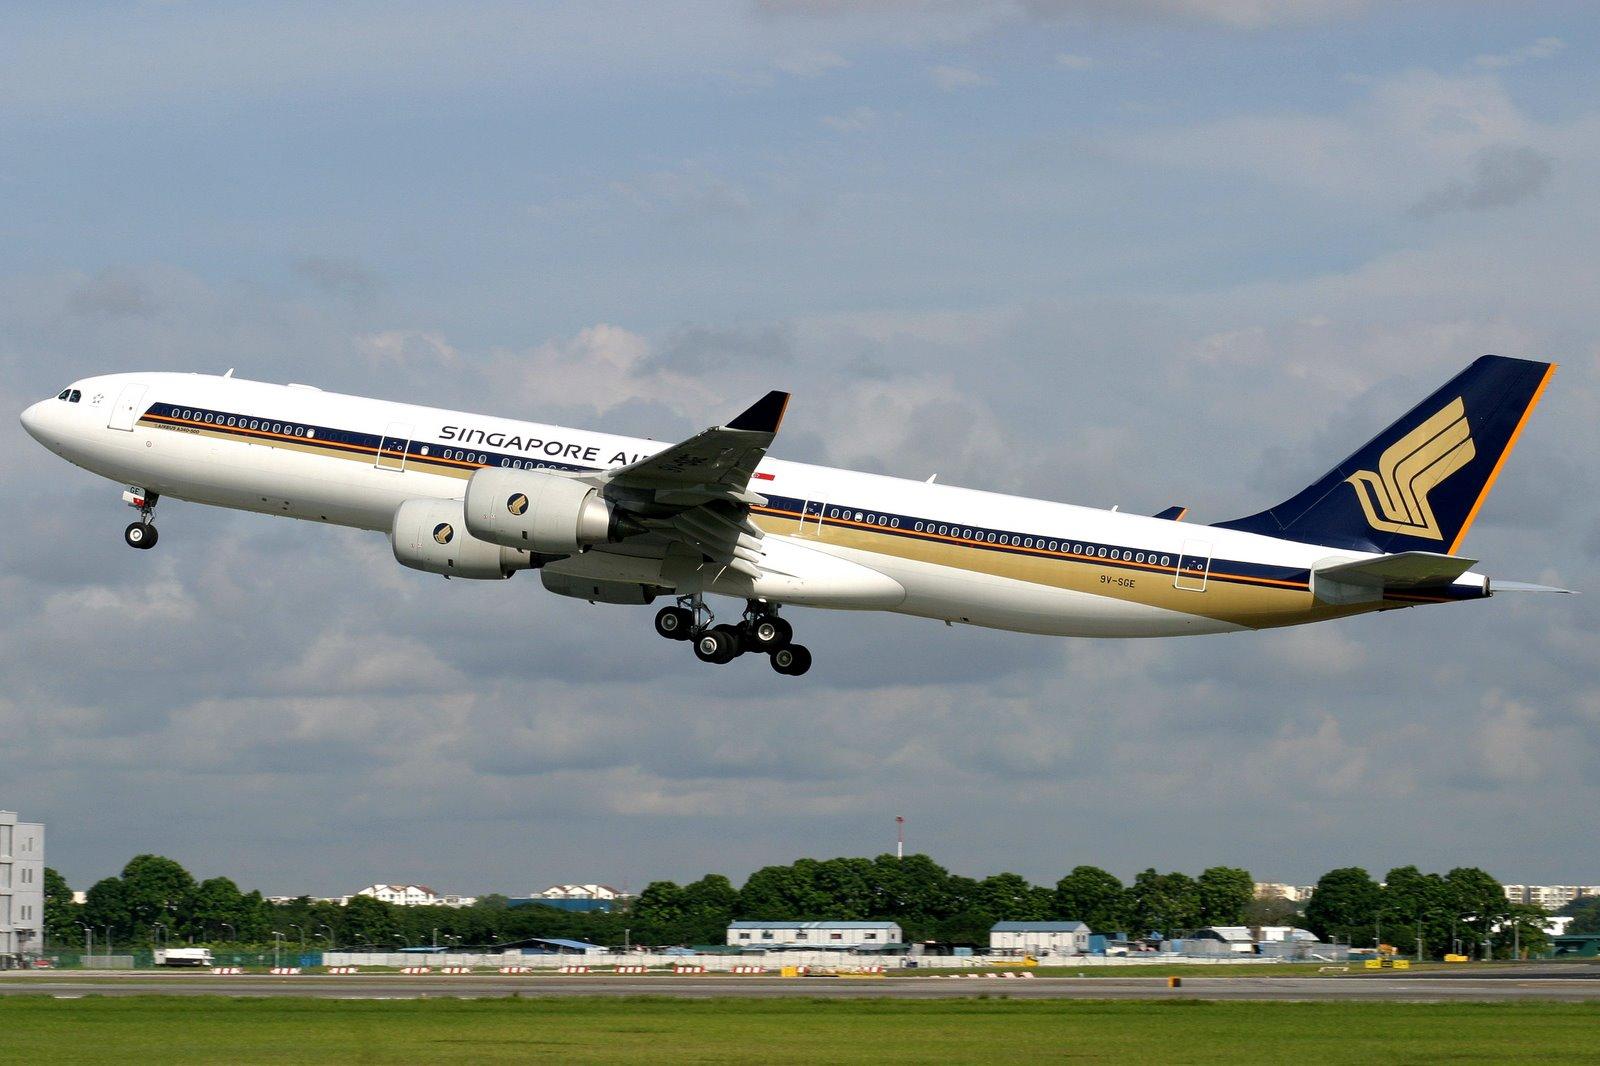 Armada Airbus A340-500 milik Singapore Airlines yang segera dipensiunkan.